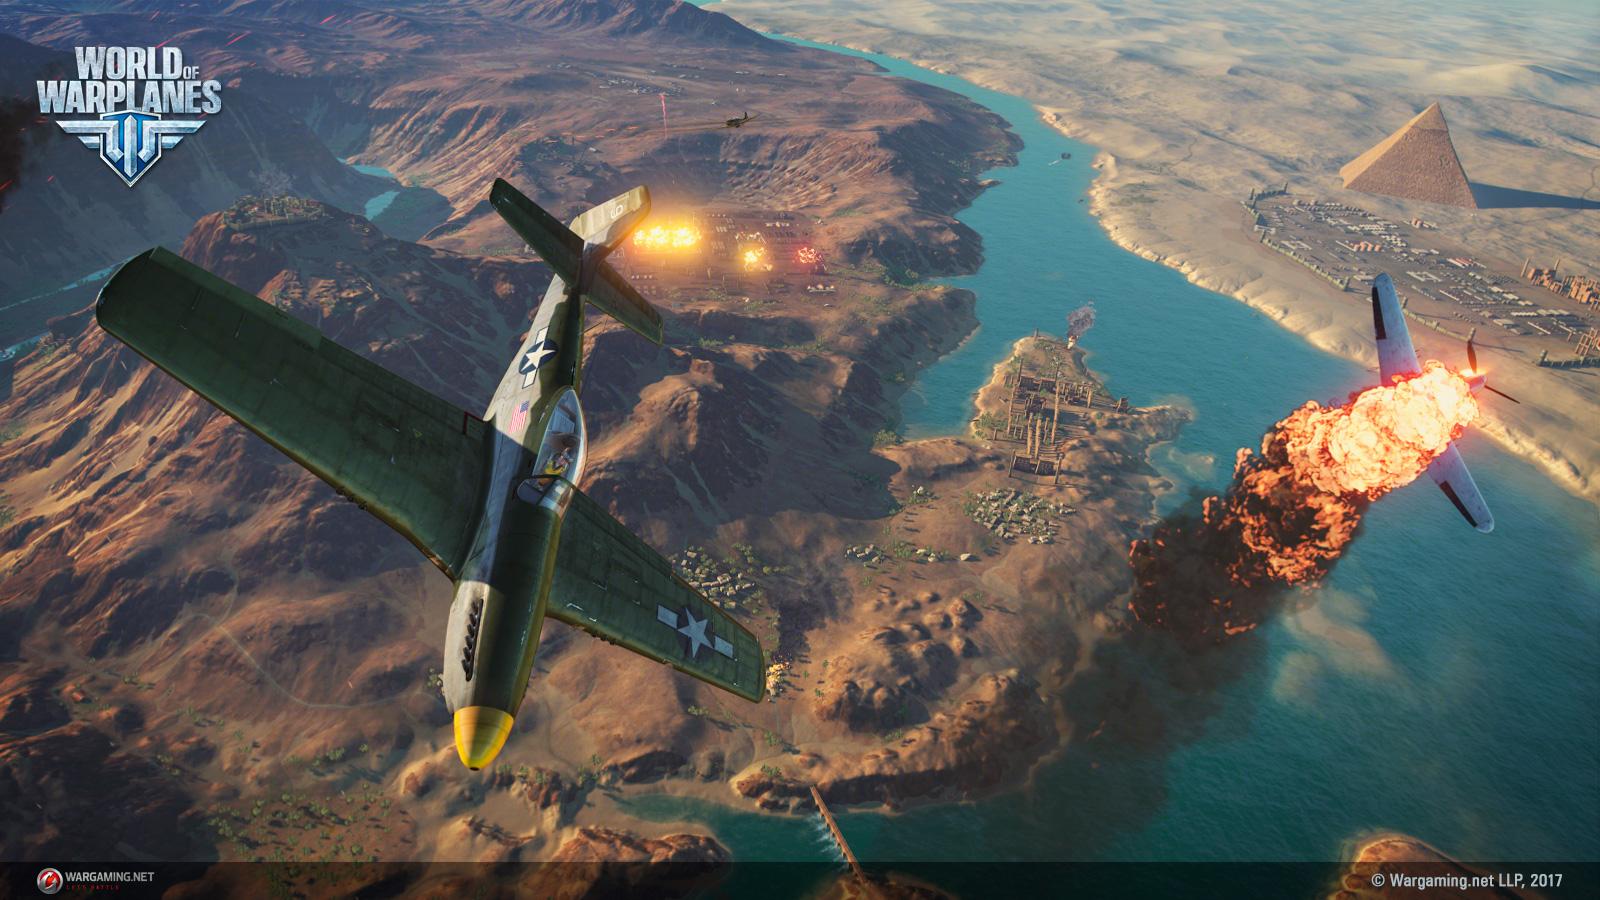 world of warplanes 2.0 download